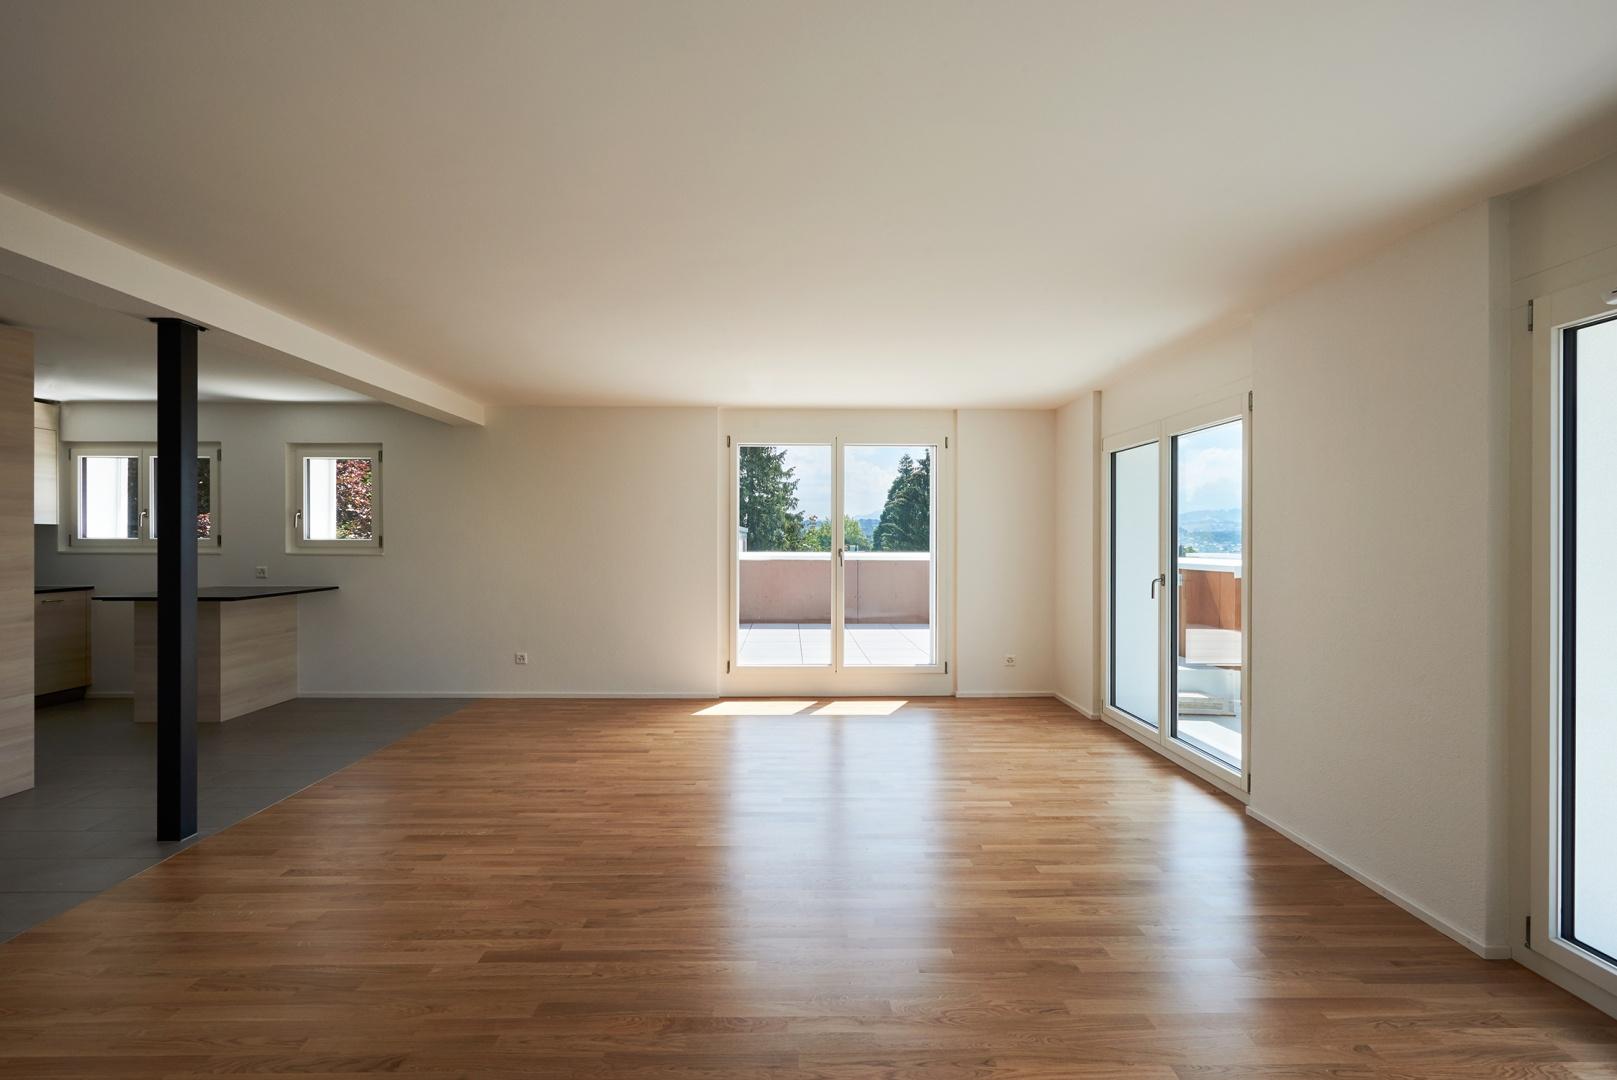 Appartement créé à l'étage © Corinne Cuendet, Clarens